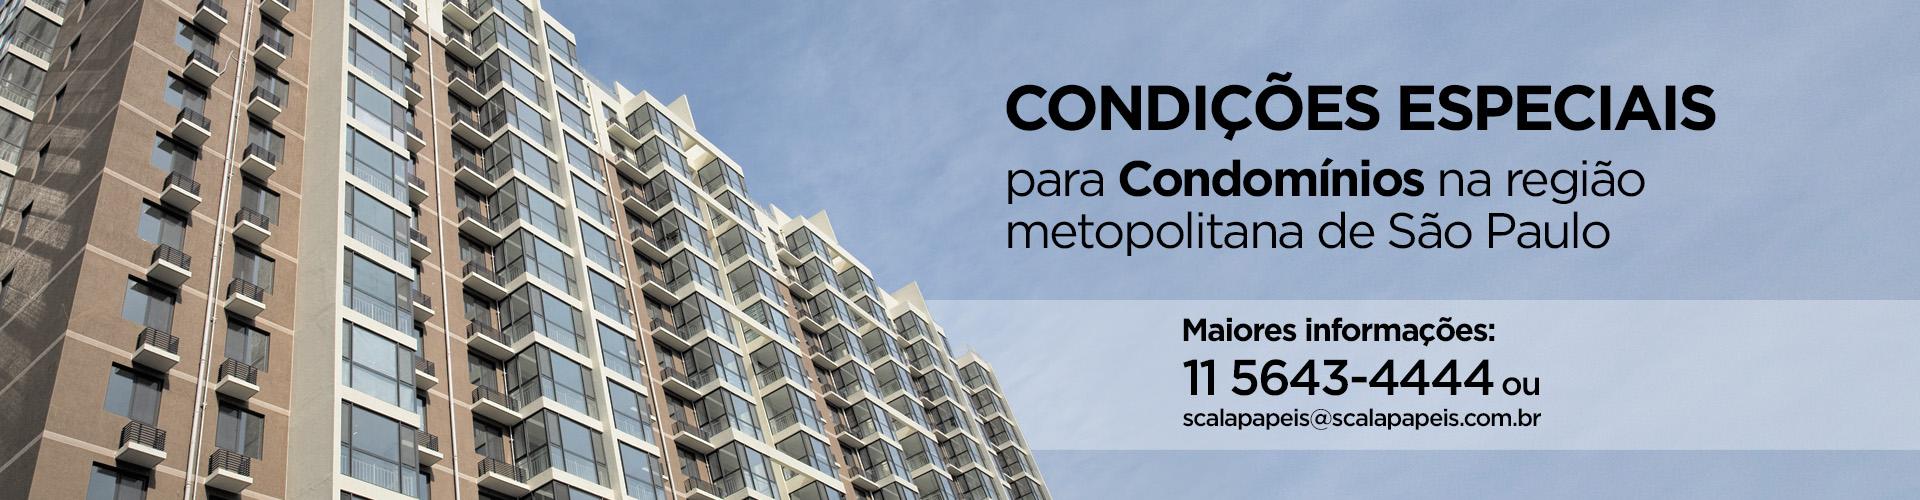 Condições especiais para condomínios.